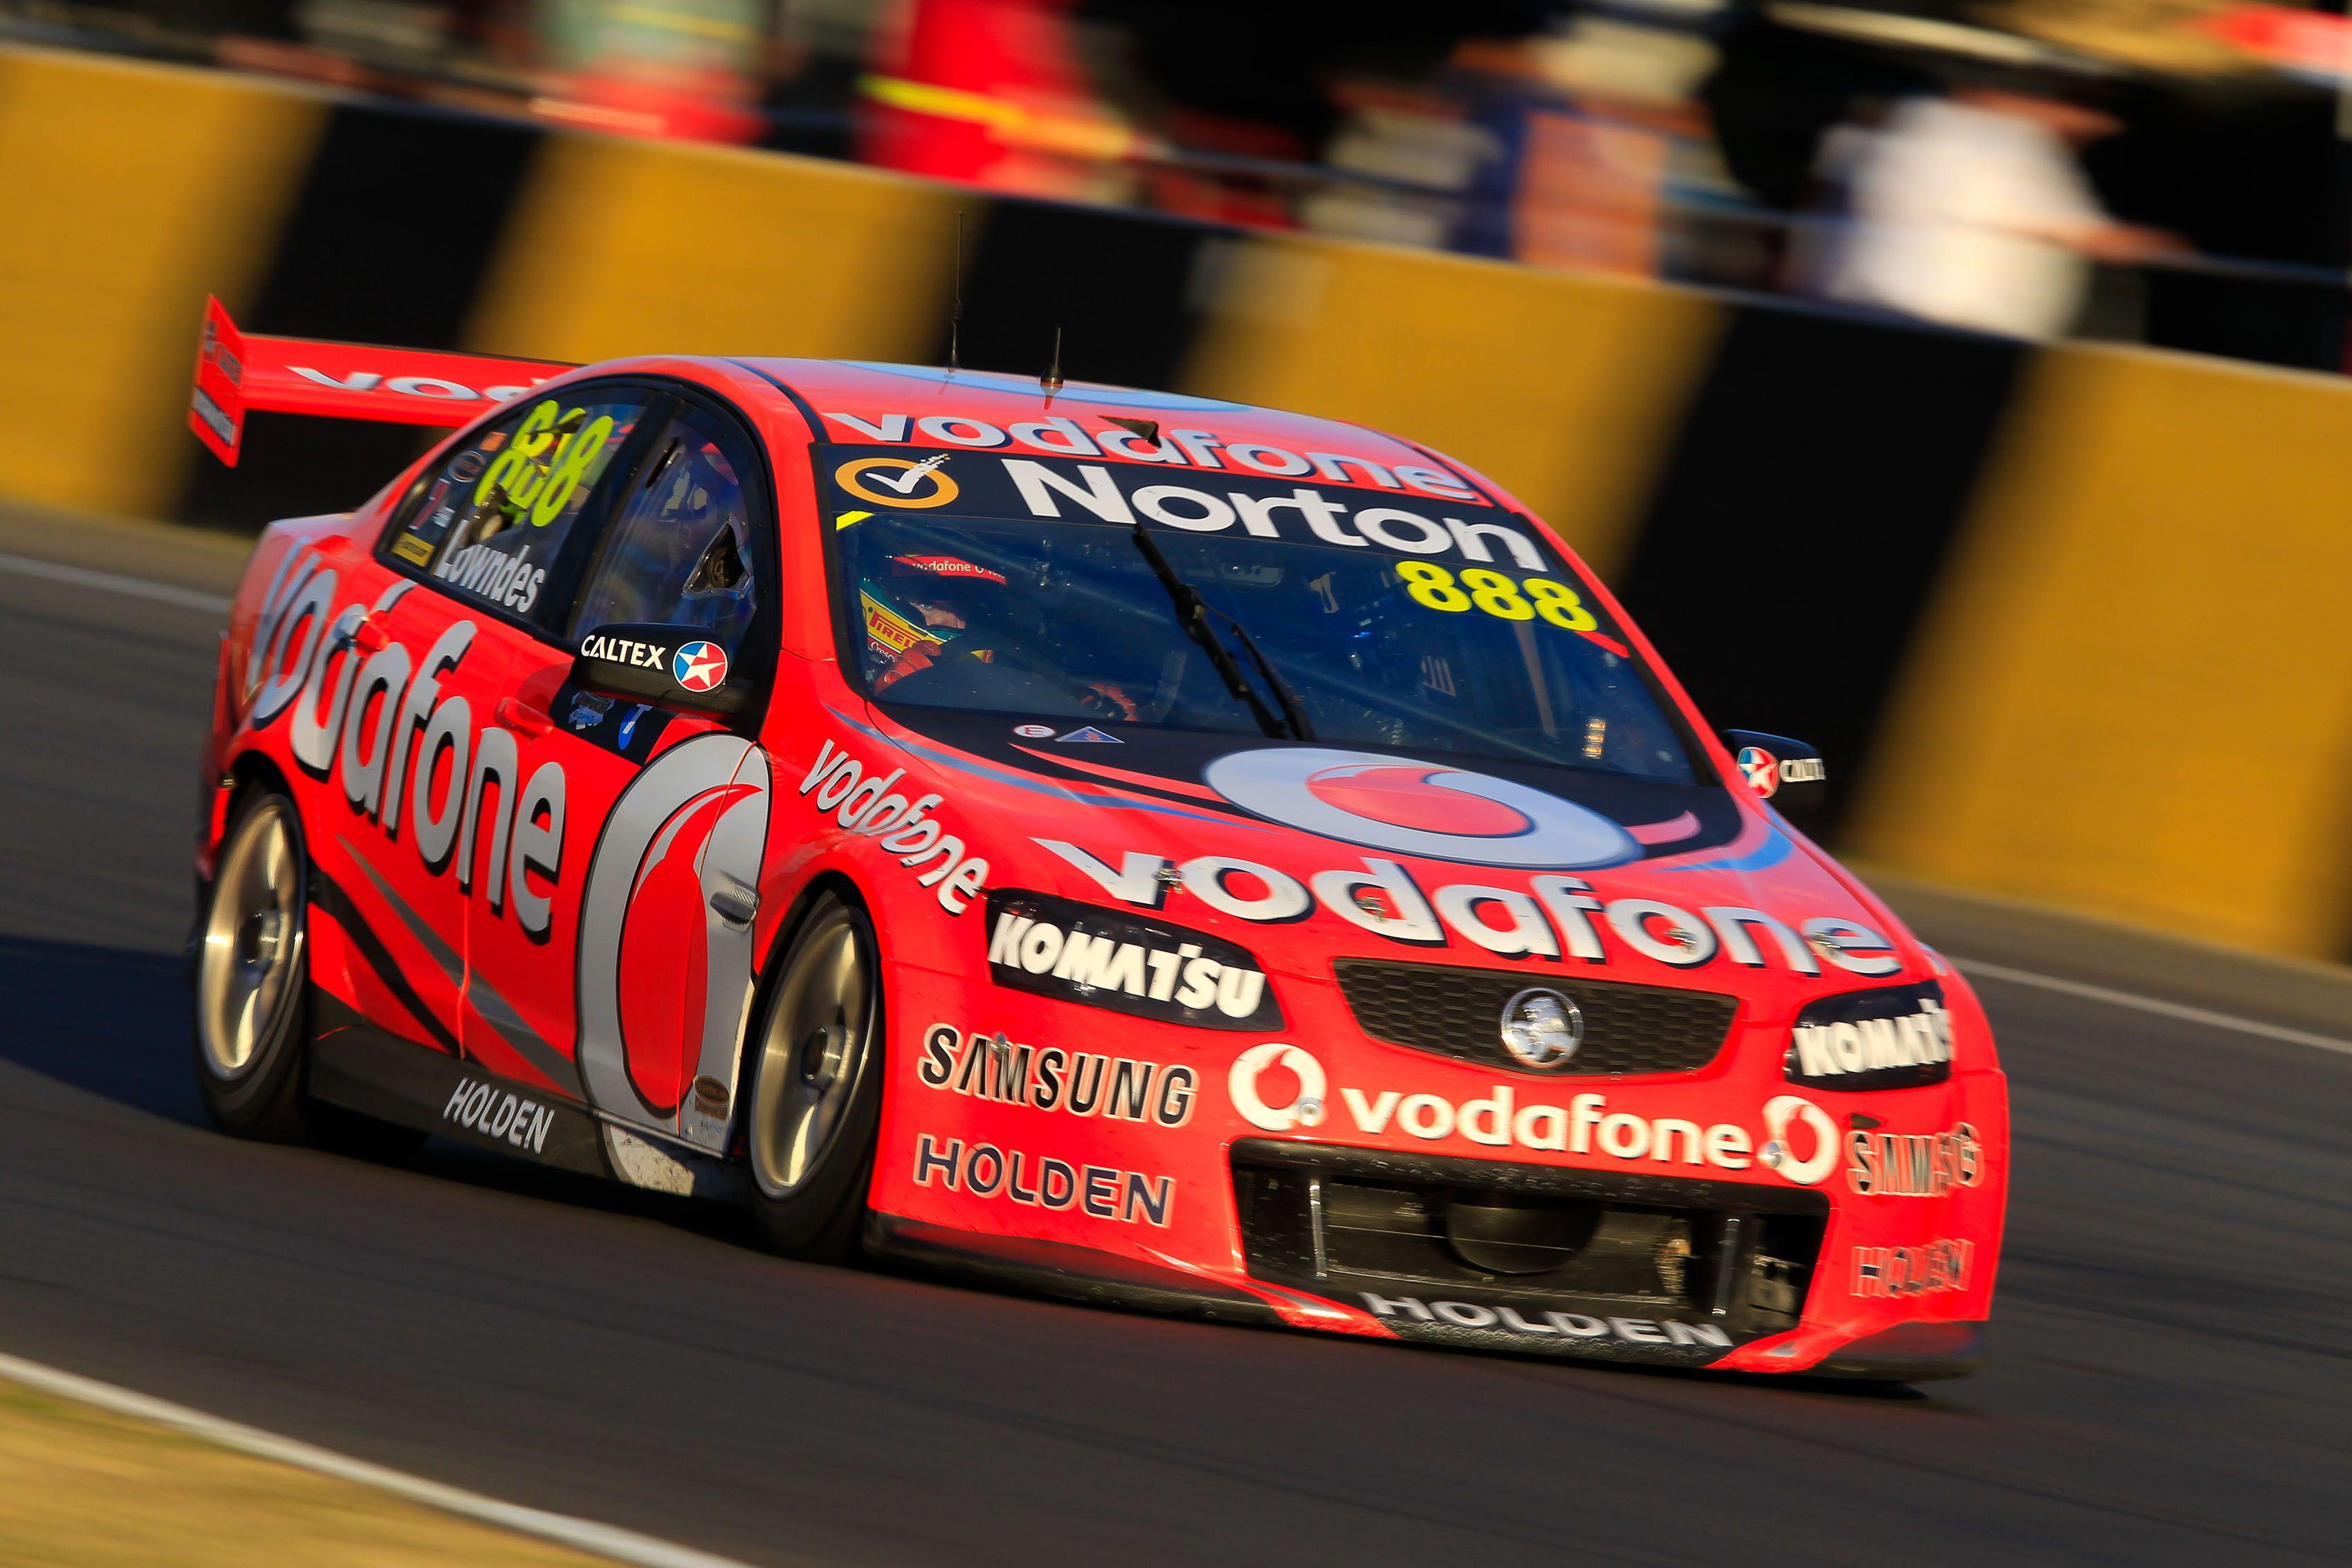 Event 09 Of The 2012 Australian V8 Supercar Championship Series Super Cars V8 Supercars Australia Australian V8 Supercars